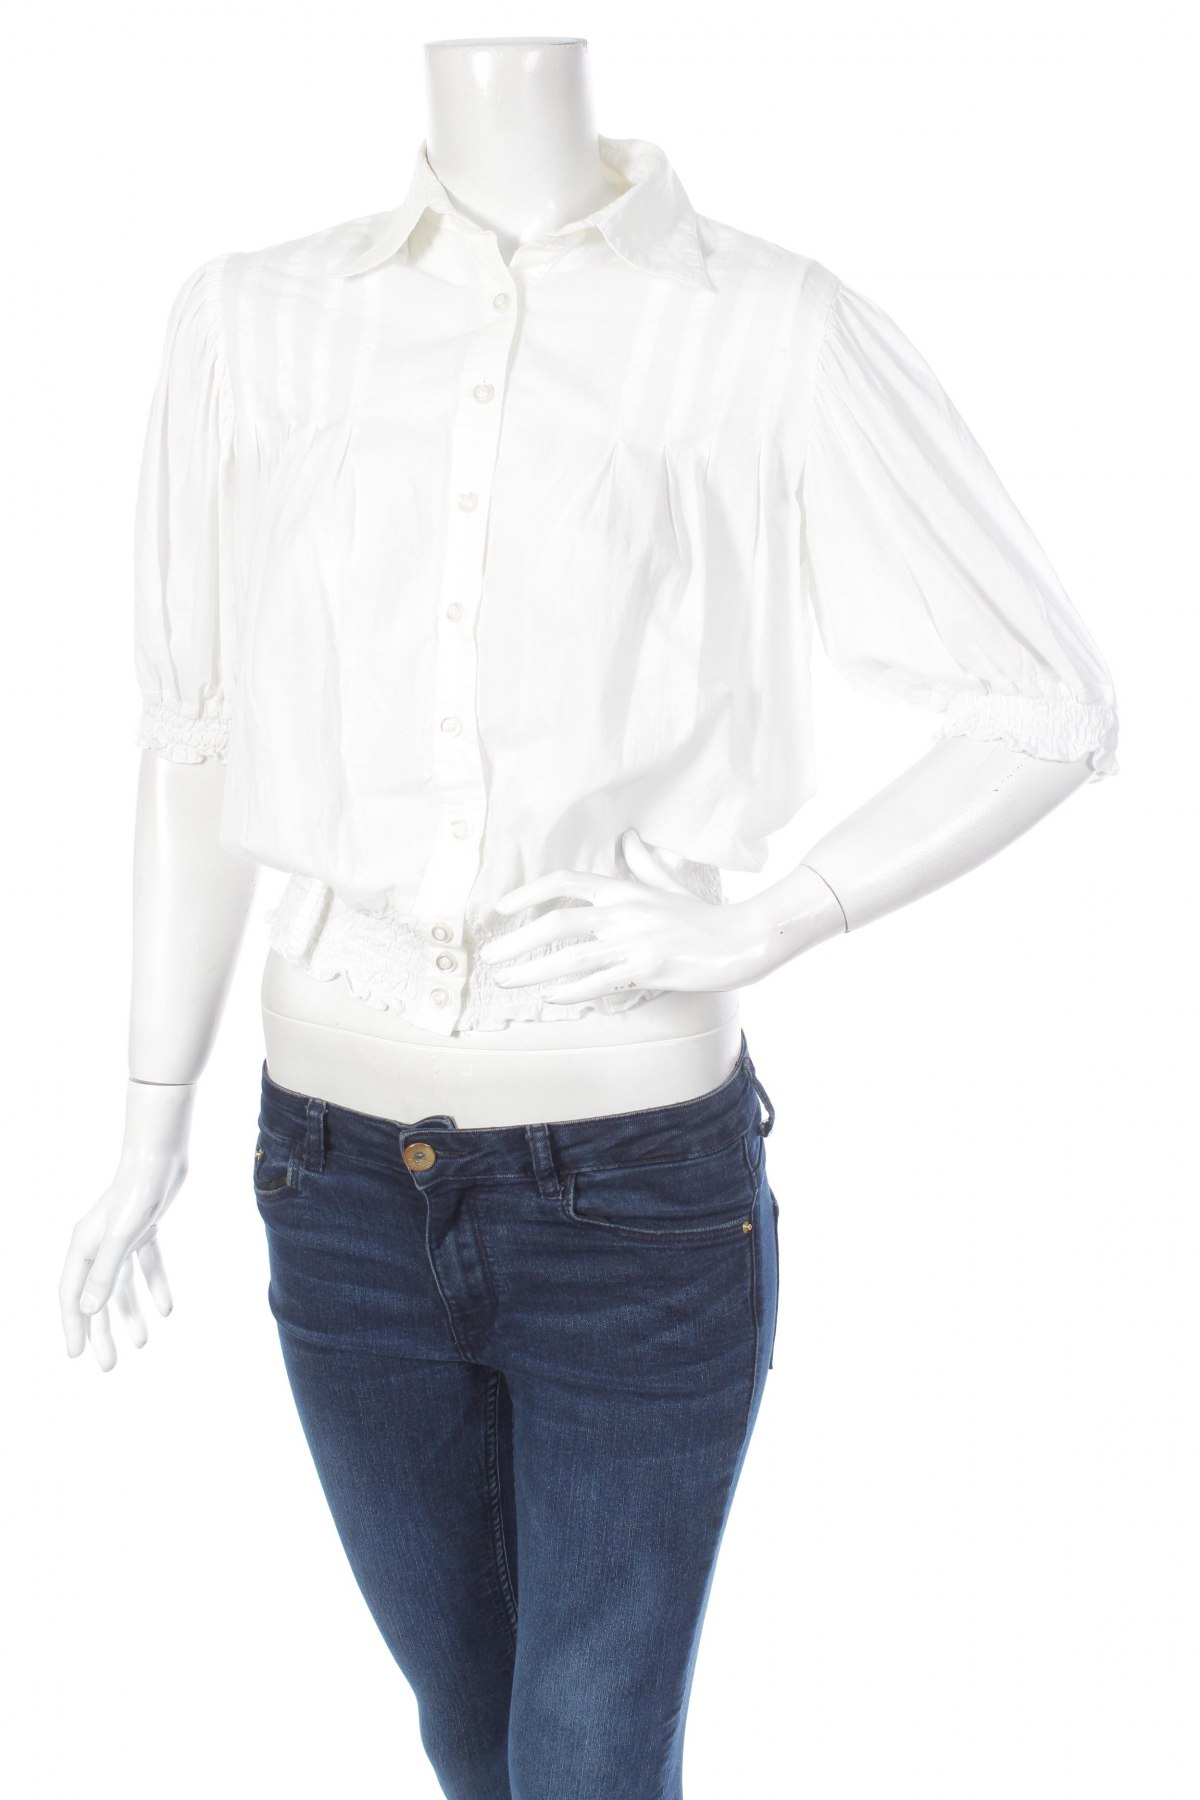 Γυναικείο πουκάμισο Karla